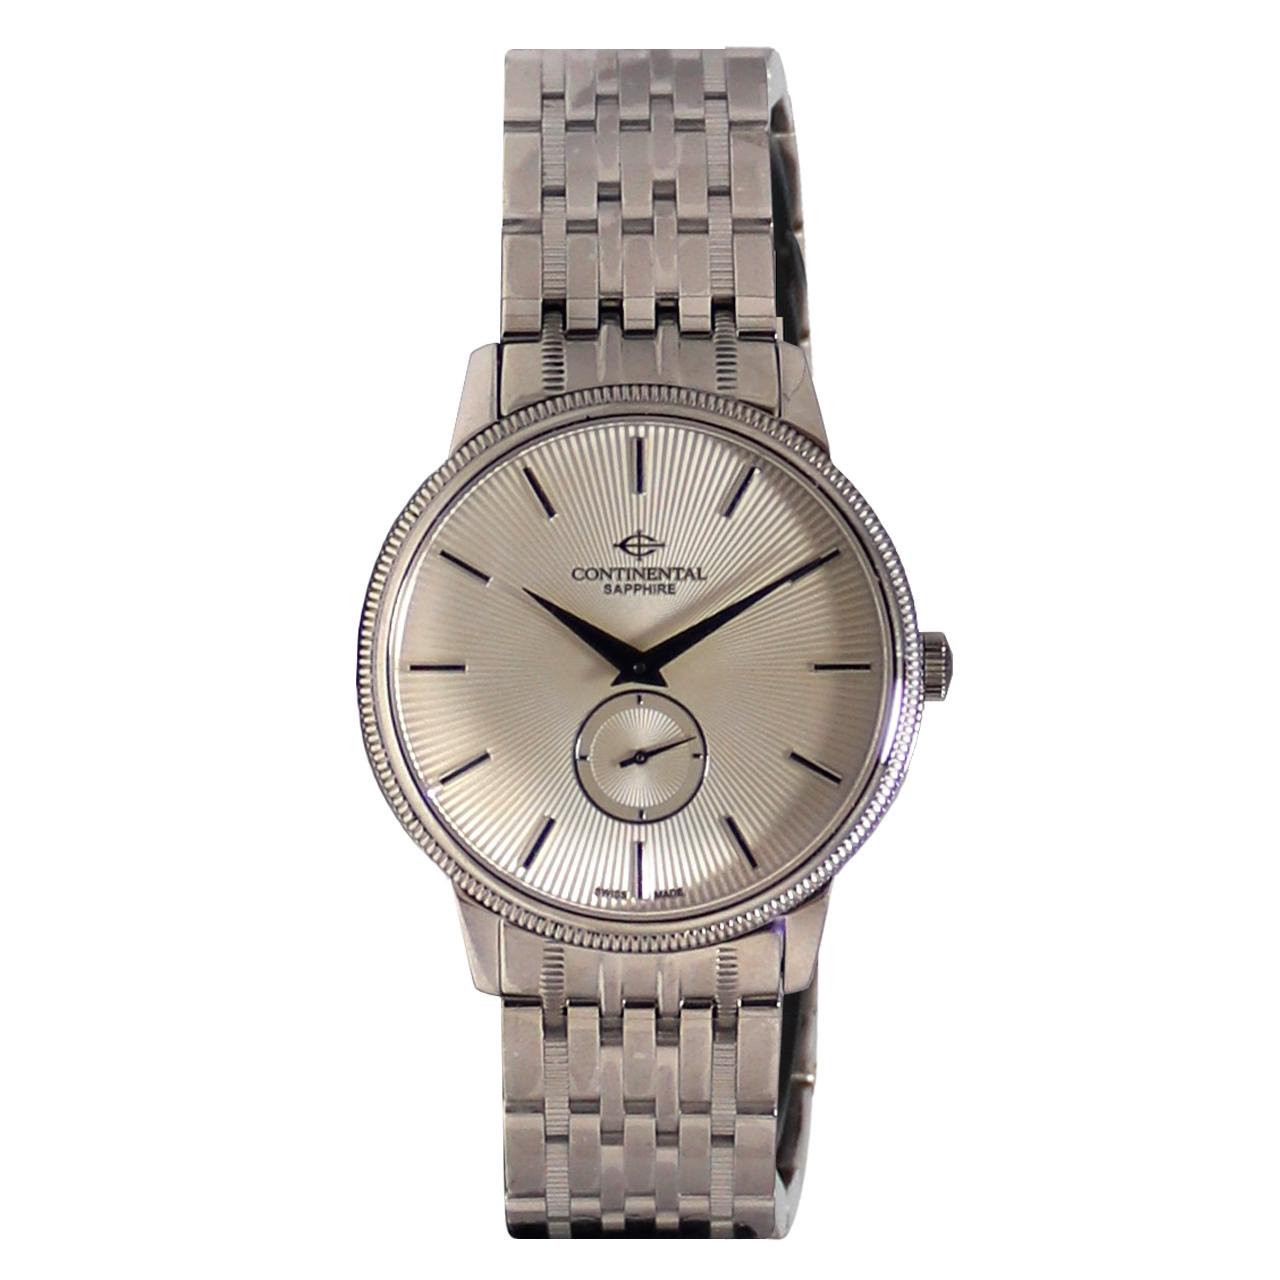 ساعت مچی عقربه ای مردانه کنتیننتال مدل 107-15201 13